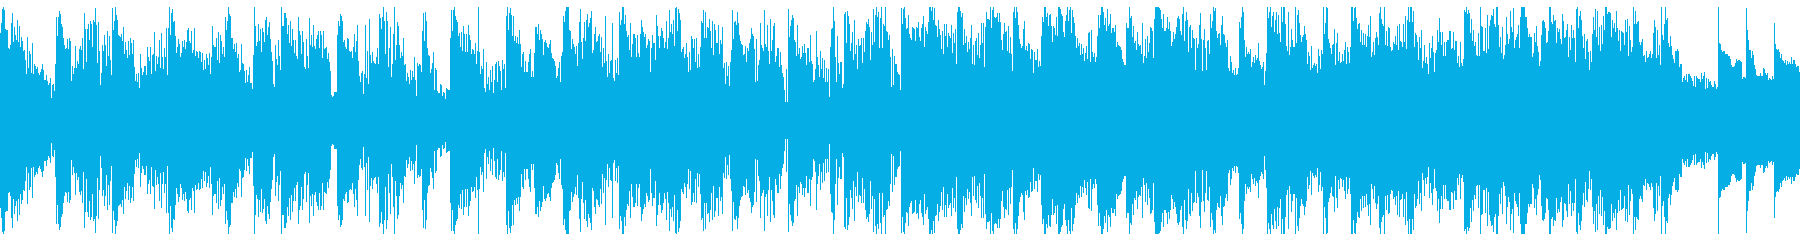 軽快でオシャレなEDM(15秒)の再生済みの波形